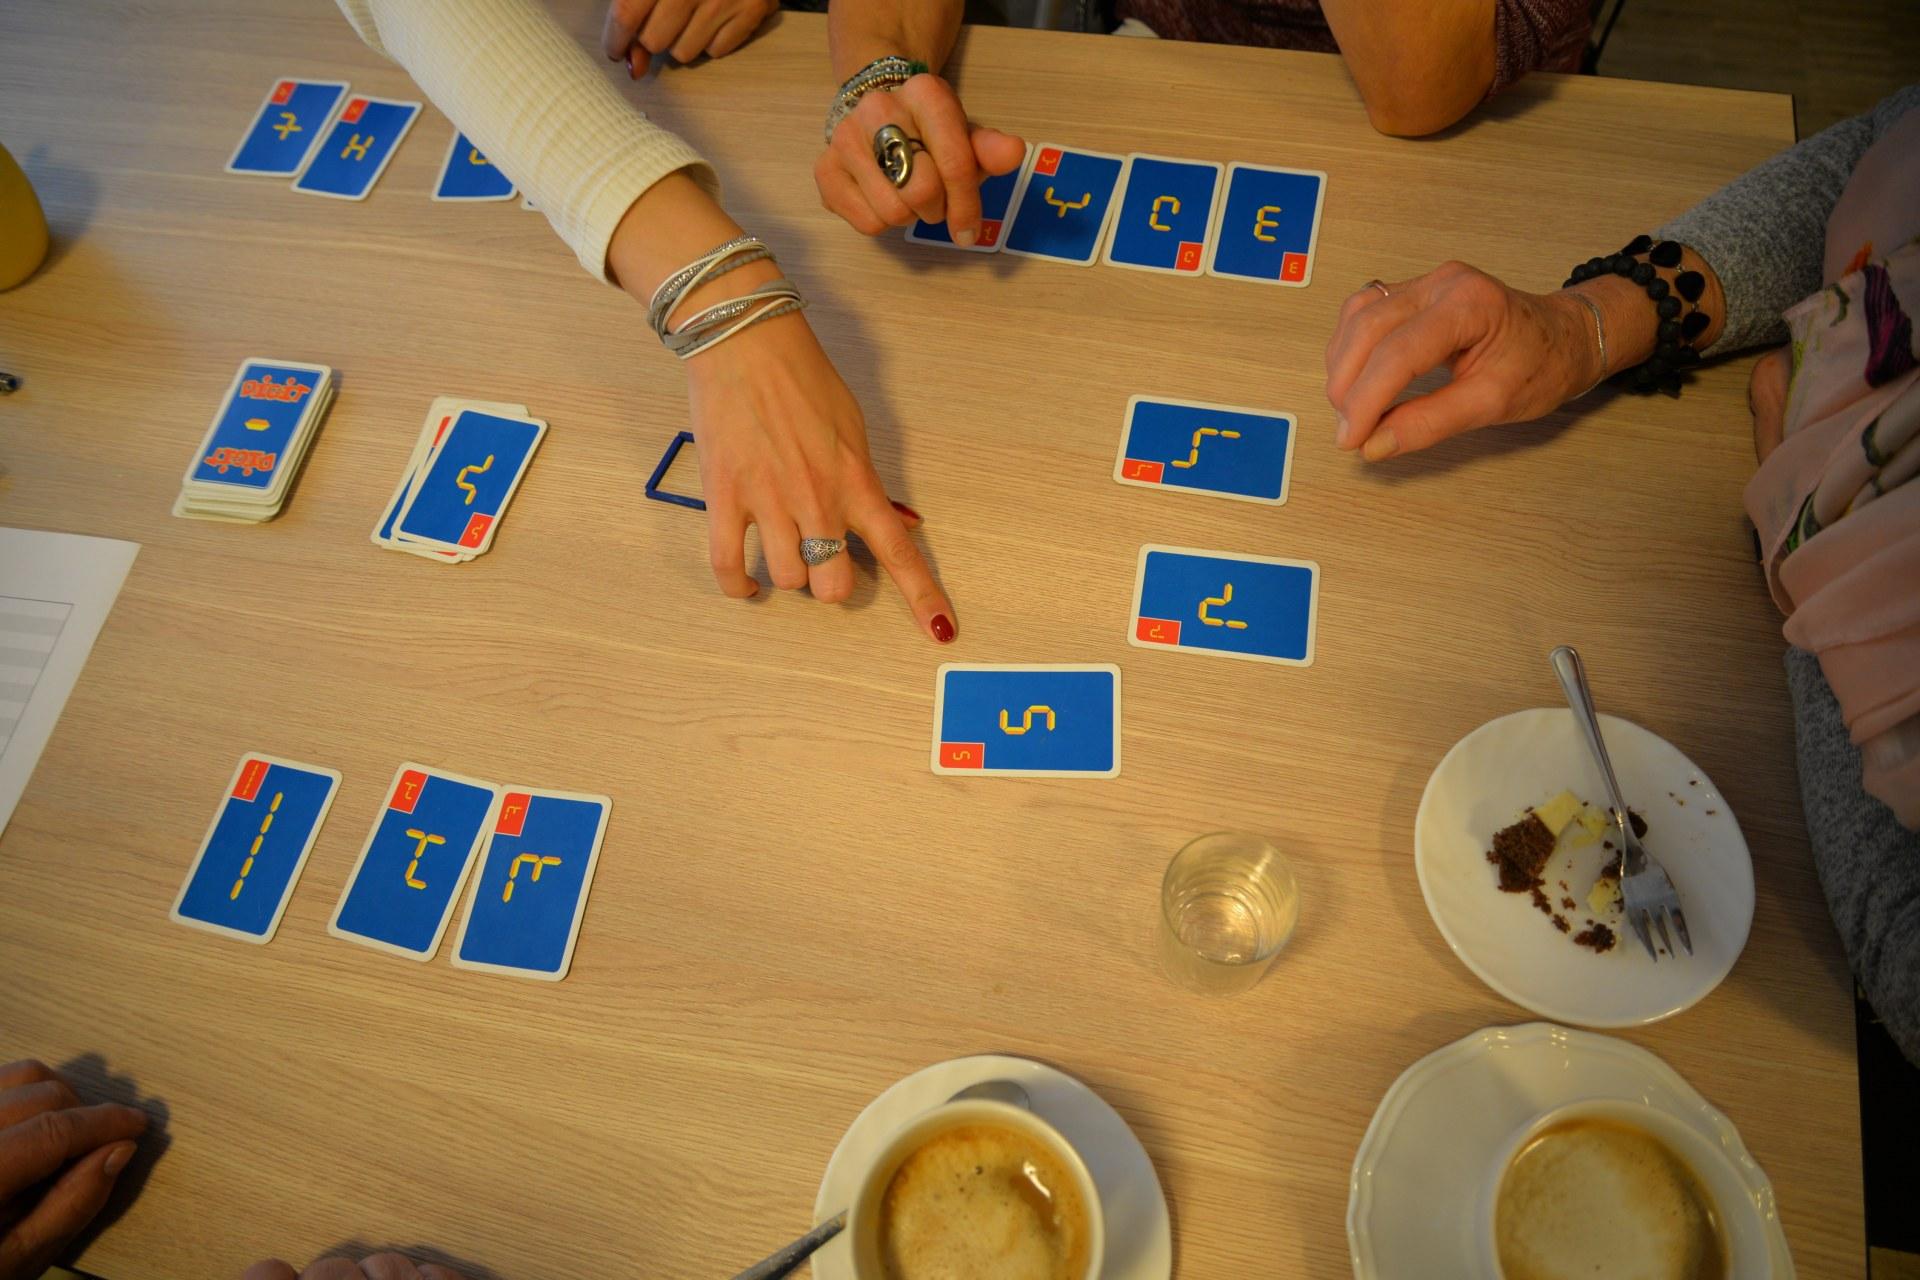 Na drewinianym stole rozłożone są w kilku miejscach karty w kolorze niebieskim, widać ręce graczy i filiżanki.